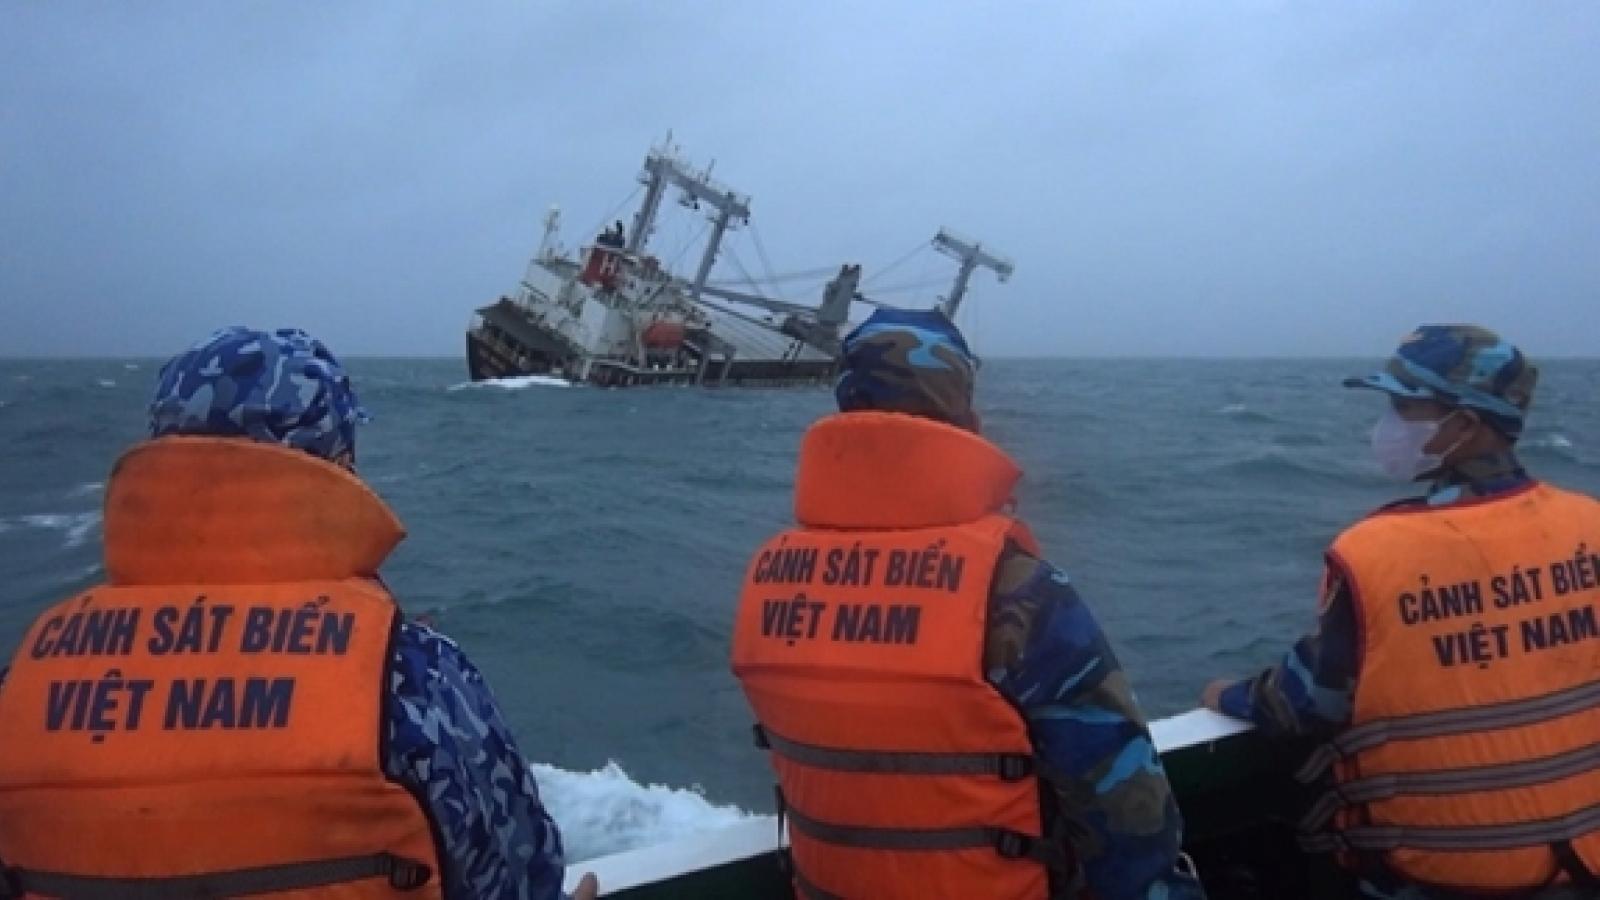 Liên tiếp cứu hộ, cứu nạn 2 tàu hàng bị sự cố trên biển